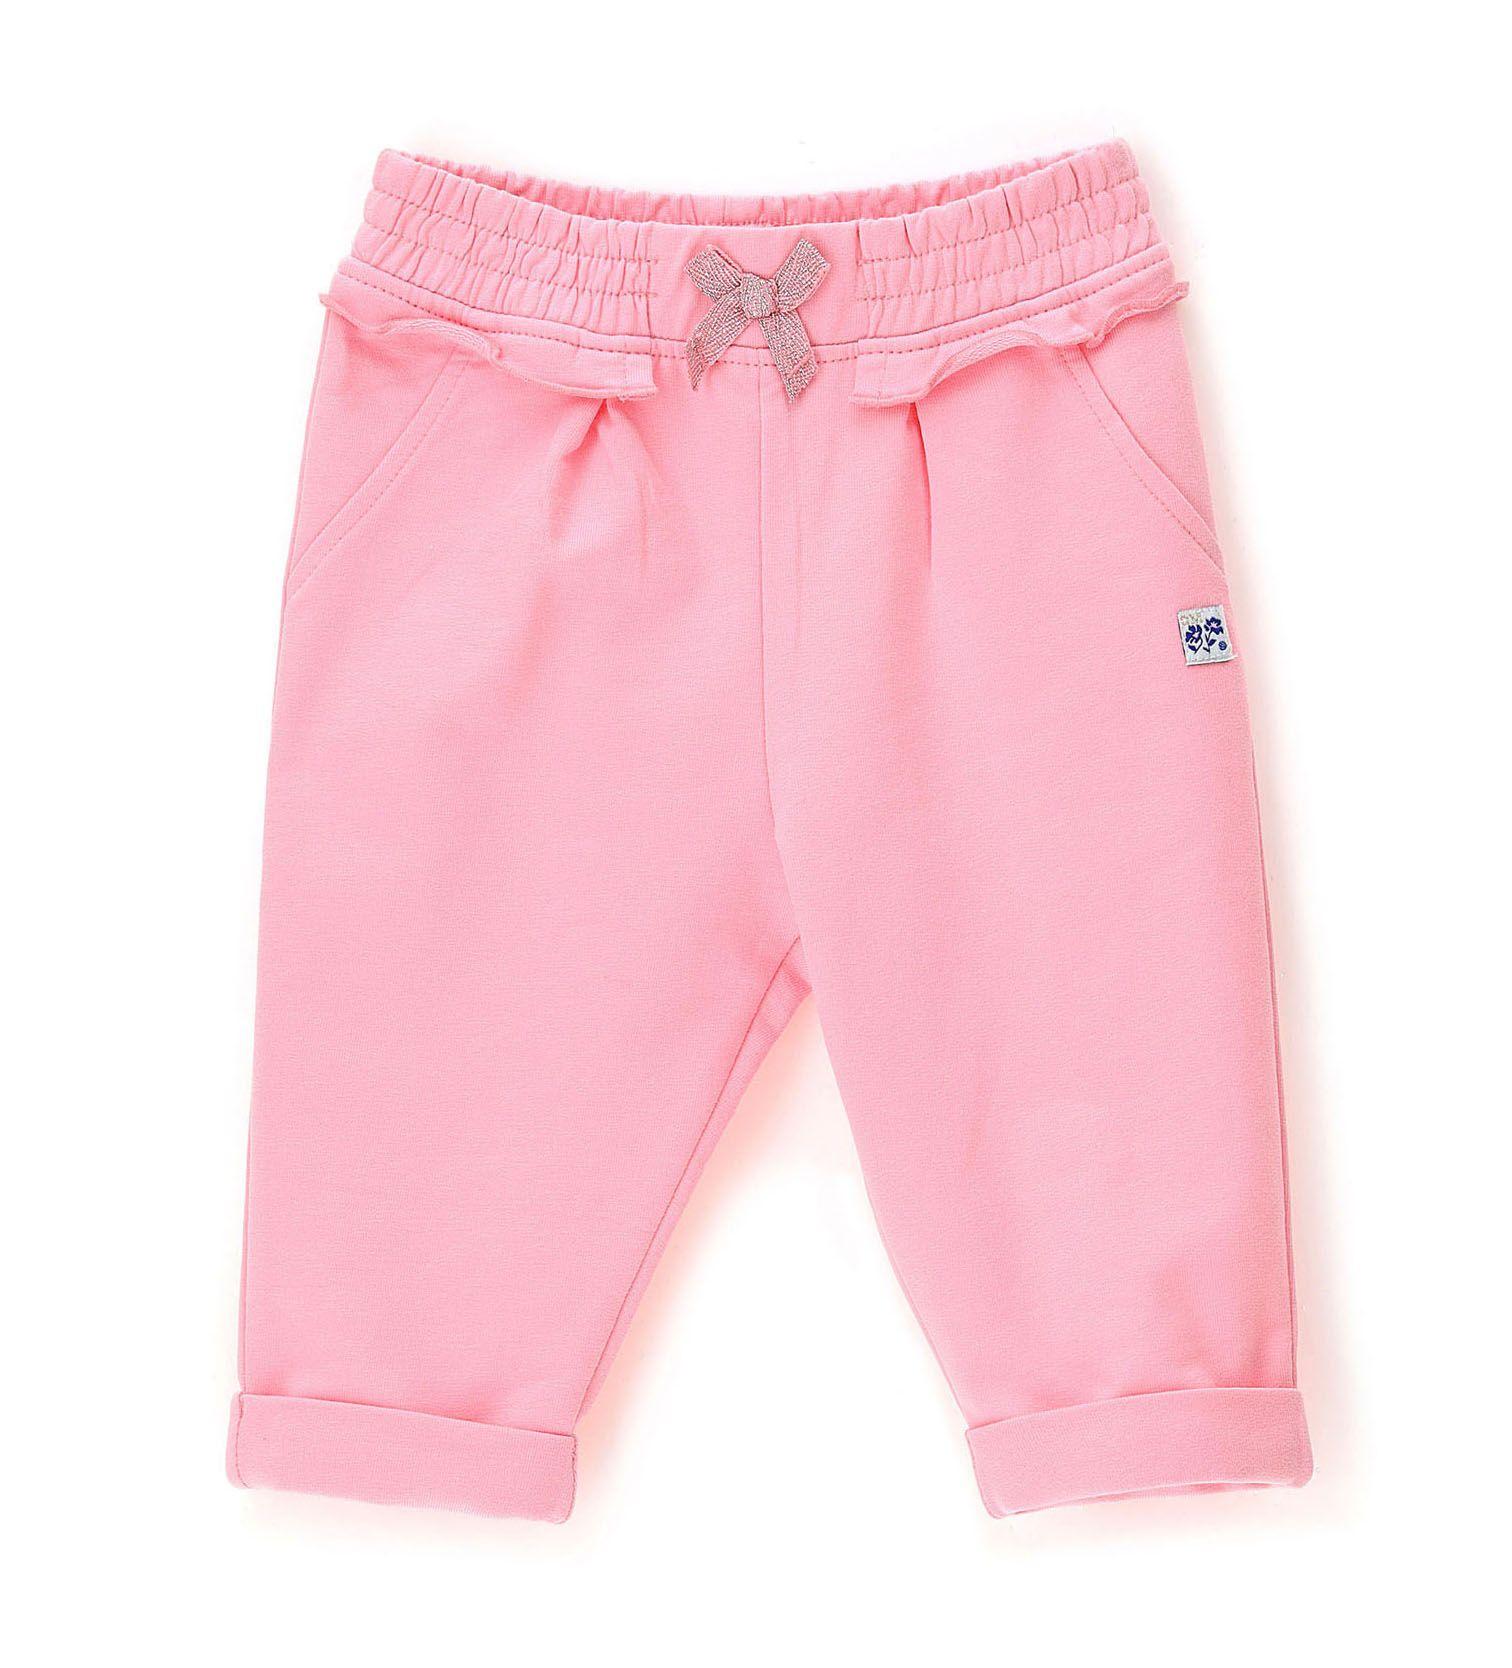 Купить Брюки спортивные Original Marines, розовый, 80, Девочки, весна